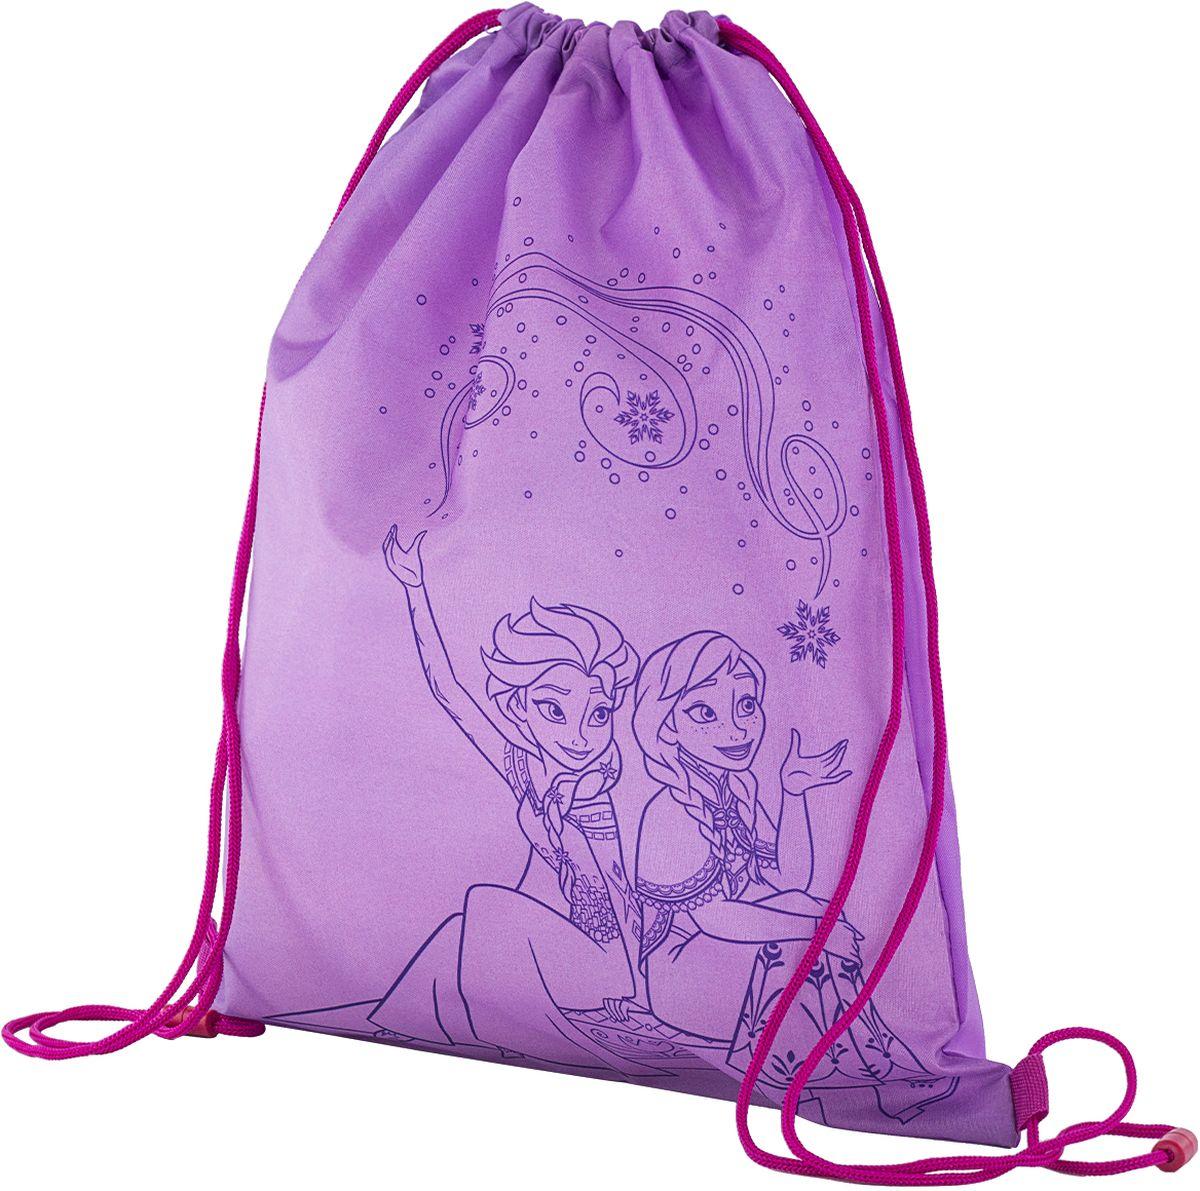 Disney Frozen Сумка для сменной обуви FZEB-MT2-883FZEB-MT2-883Сумка-мешок для сменной обуви Disney Frozen станет удобным помощником в школьной и спортивной жизни ребенка, а любимые герои будут долго радовать его. Изделие подойдет как для хранения, так и для переноски сменной обуви и одежды любого размера.Сумка выполнена из прочного водостойкого полиэстера и содержит одно вместительное отделение, затягивающееся с помощью текстильных шнурков. Шнурки фиксируются в нижней части сумки, благодаря чему ее можно носить за спиной как рюкзак.